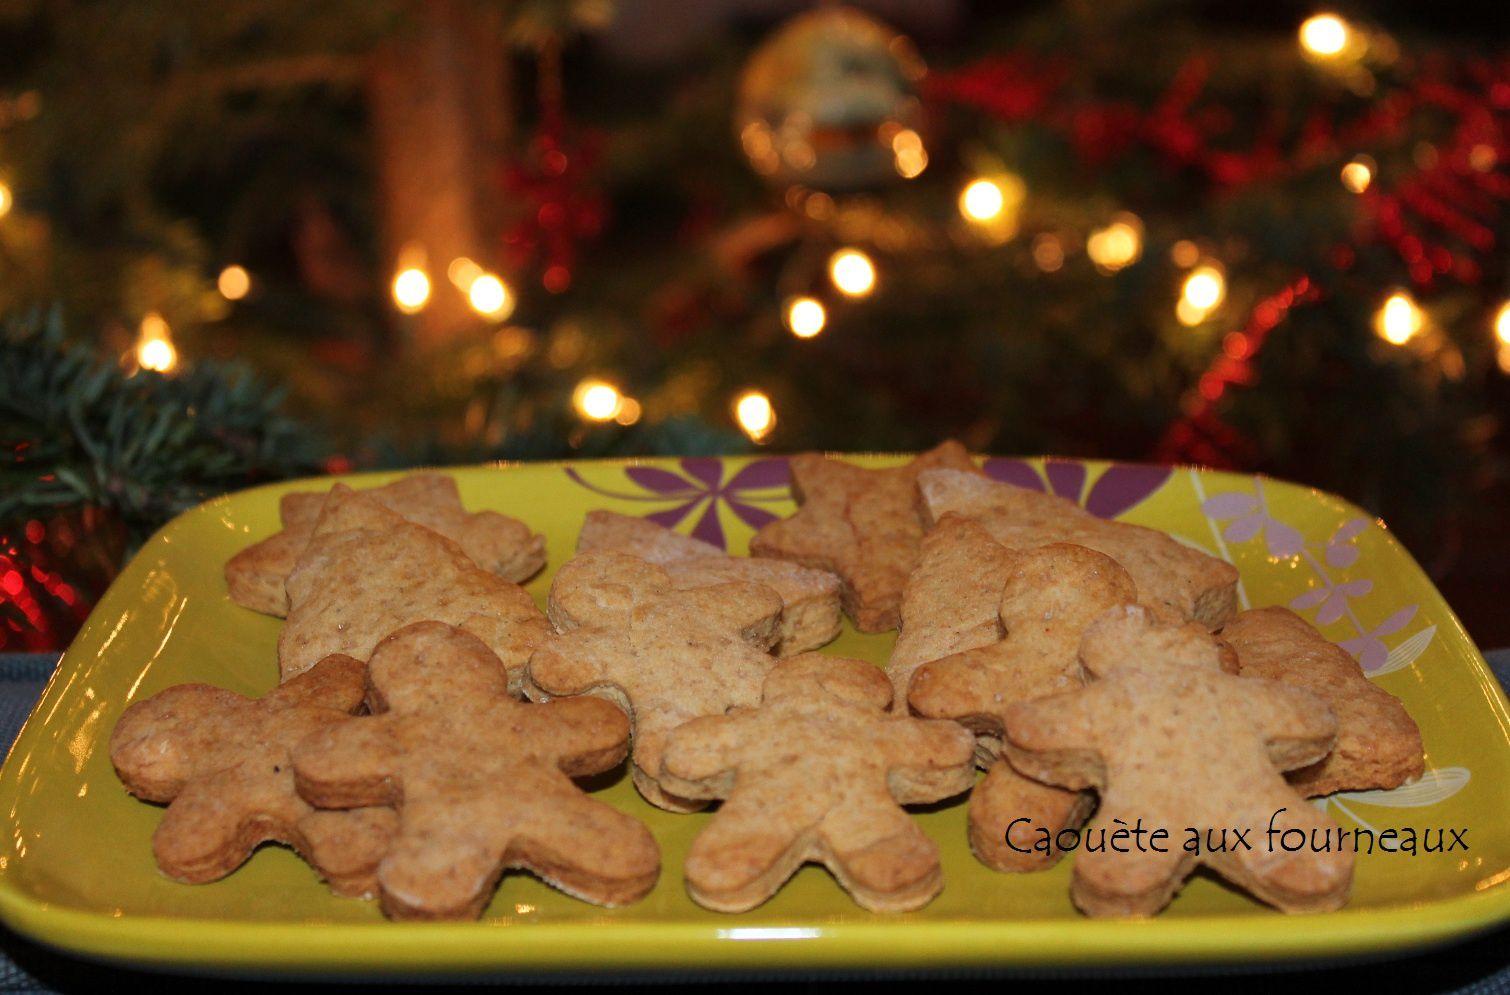 Petits biscuits de Noël aux 4 épices